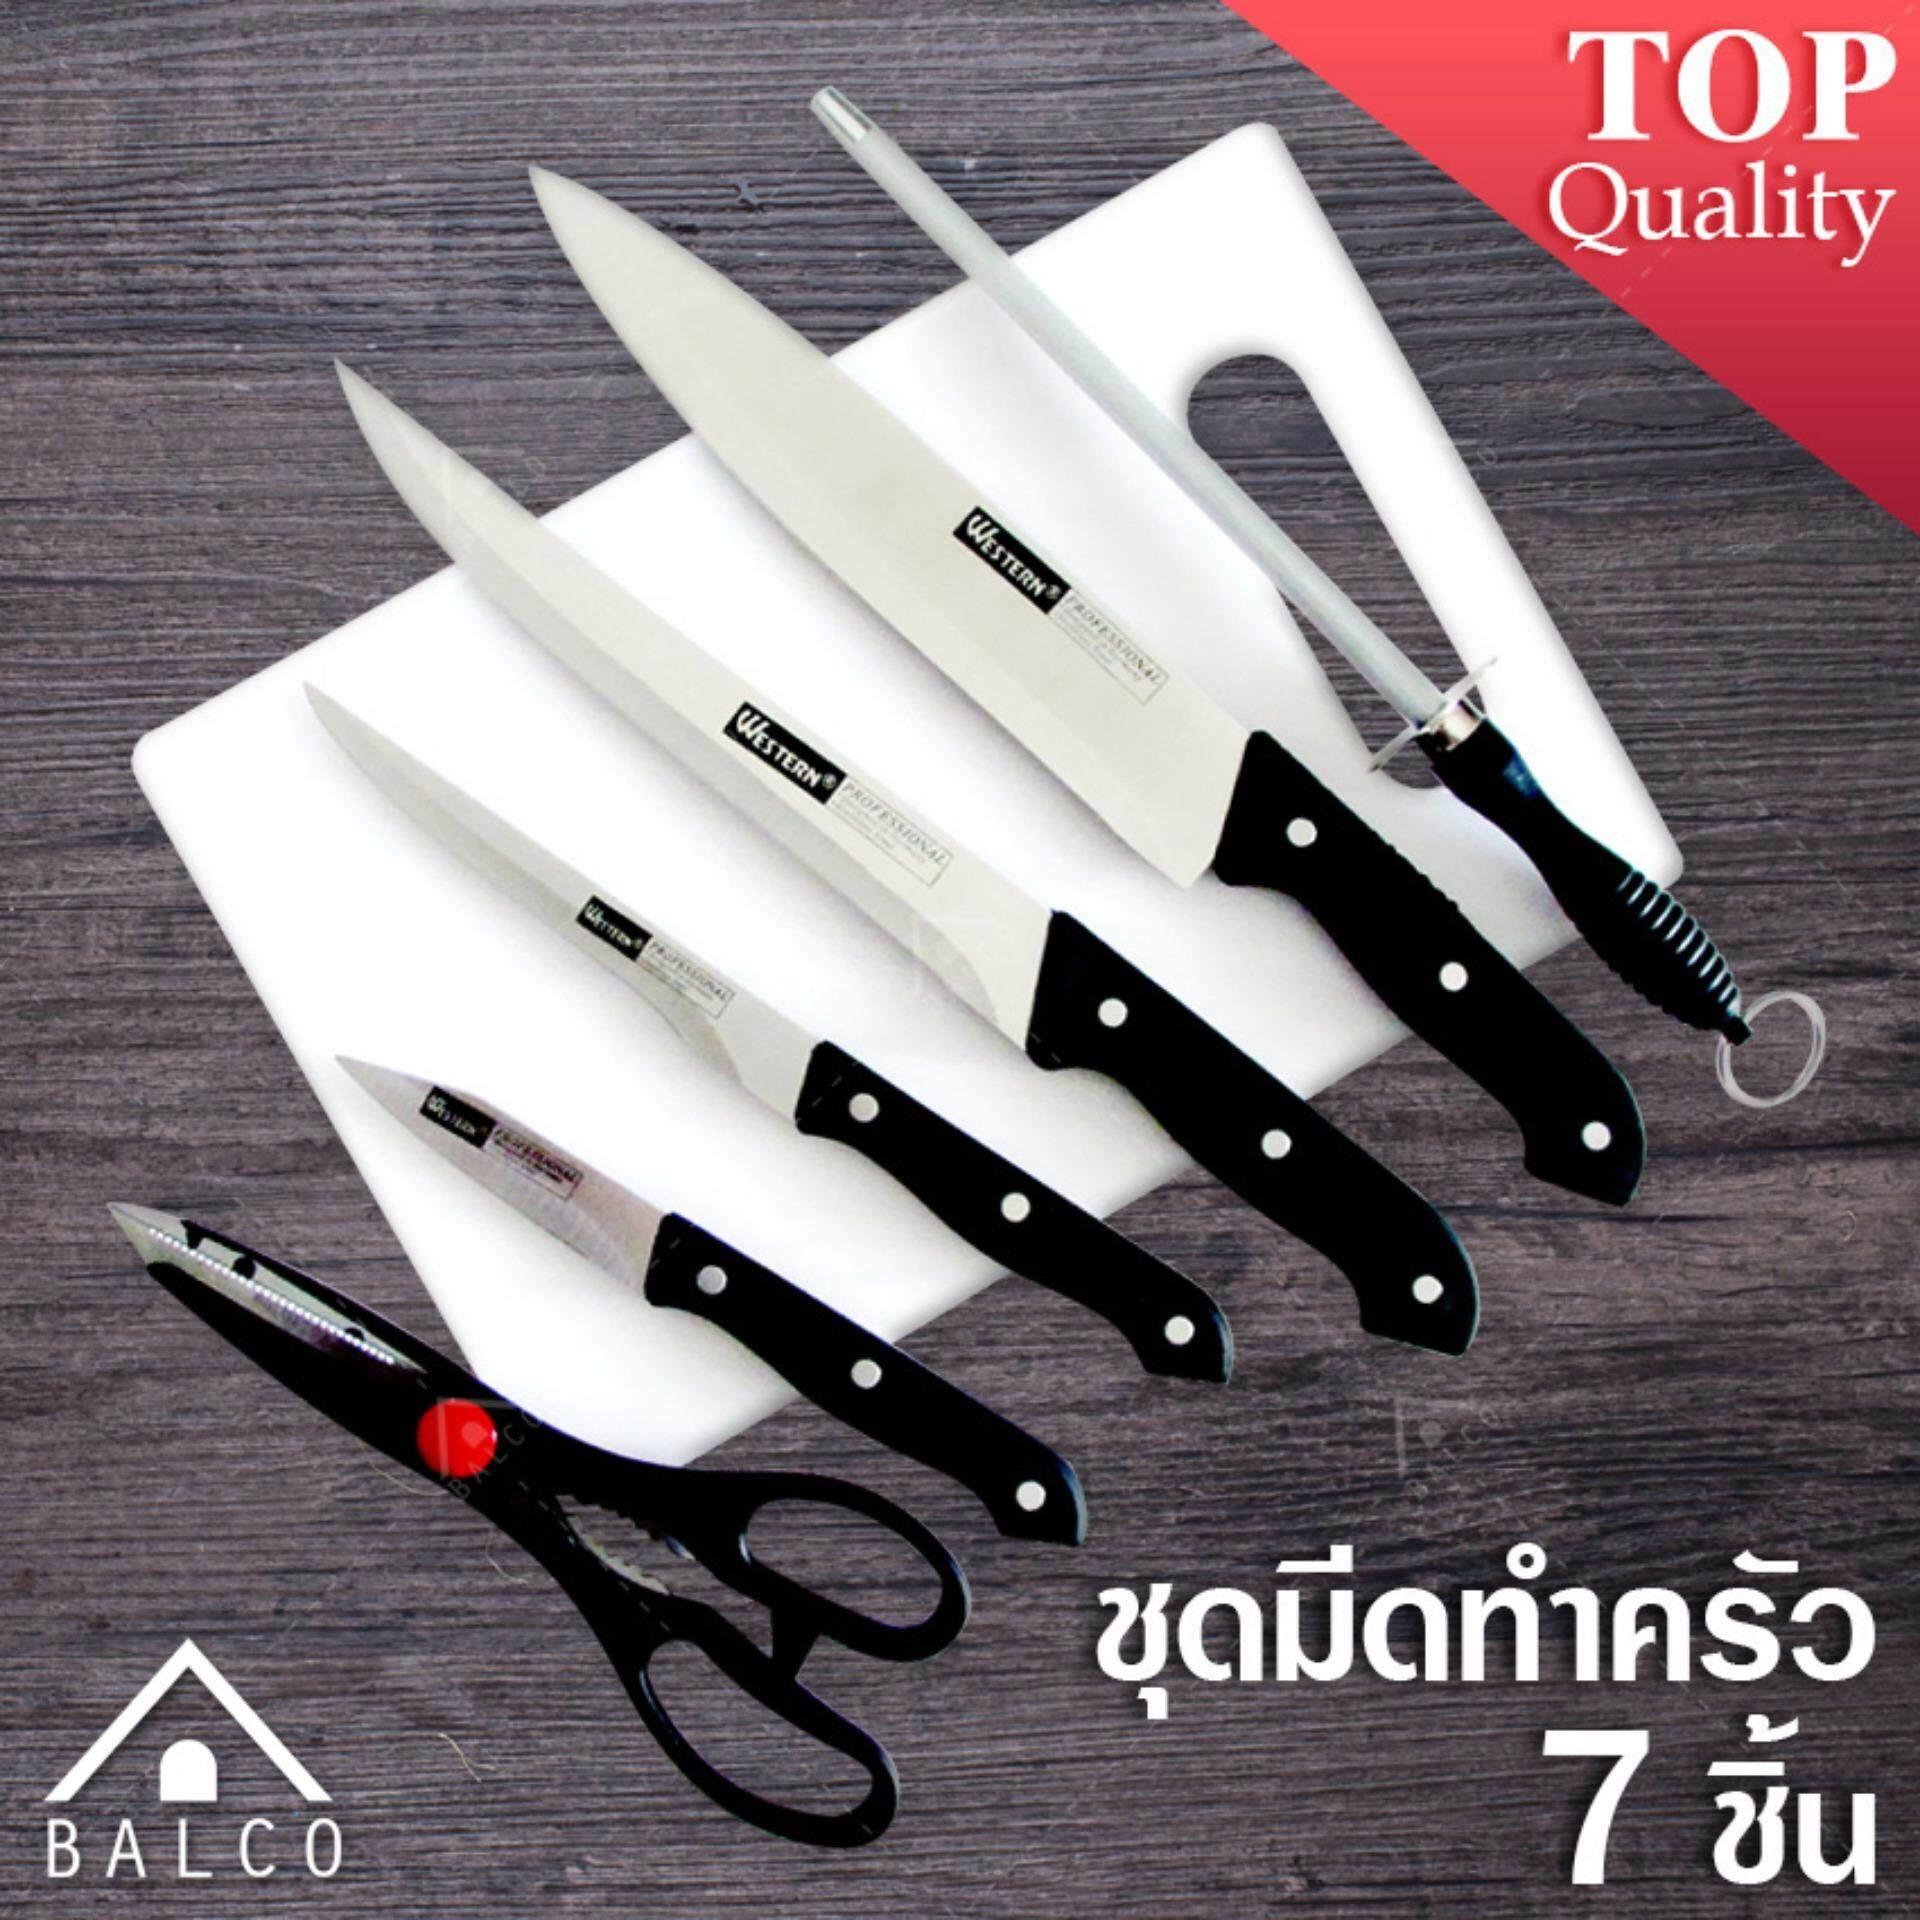 ราคา Balco ชุดมีดสแตนเลส พร้อมกรรไกร ที่ลับมีด และเขียง รวม 7 ชิ้น Stainless Steel Knifves Set 7 Pieces มีดทำครัว รุ่น Kdh 0031